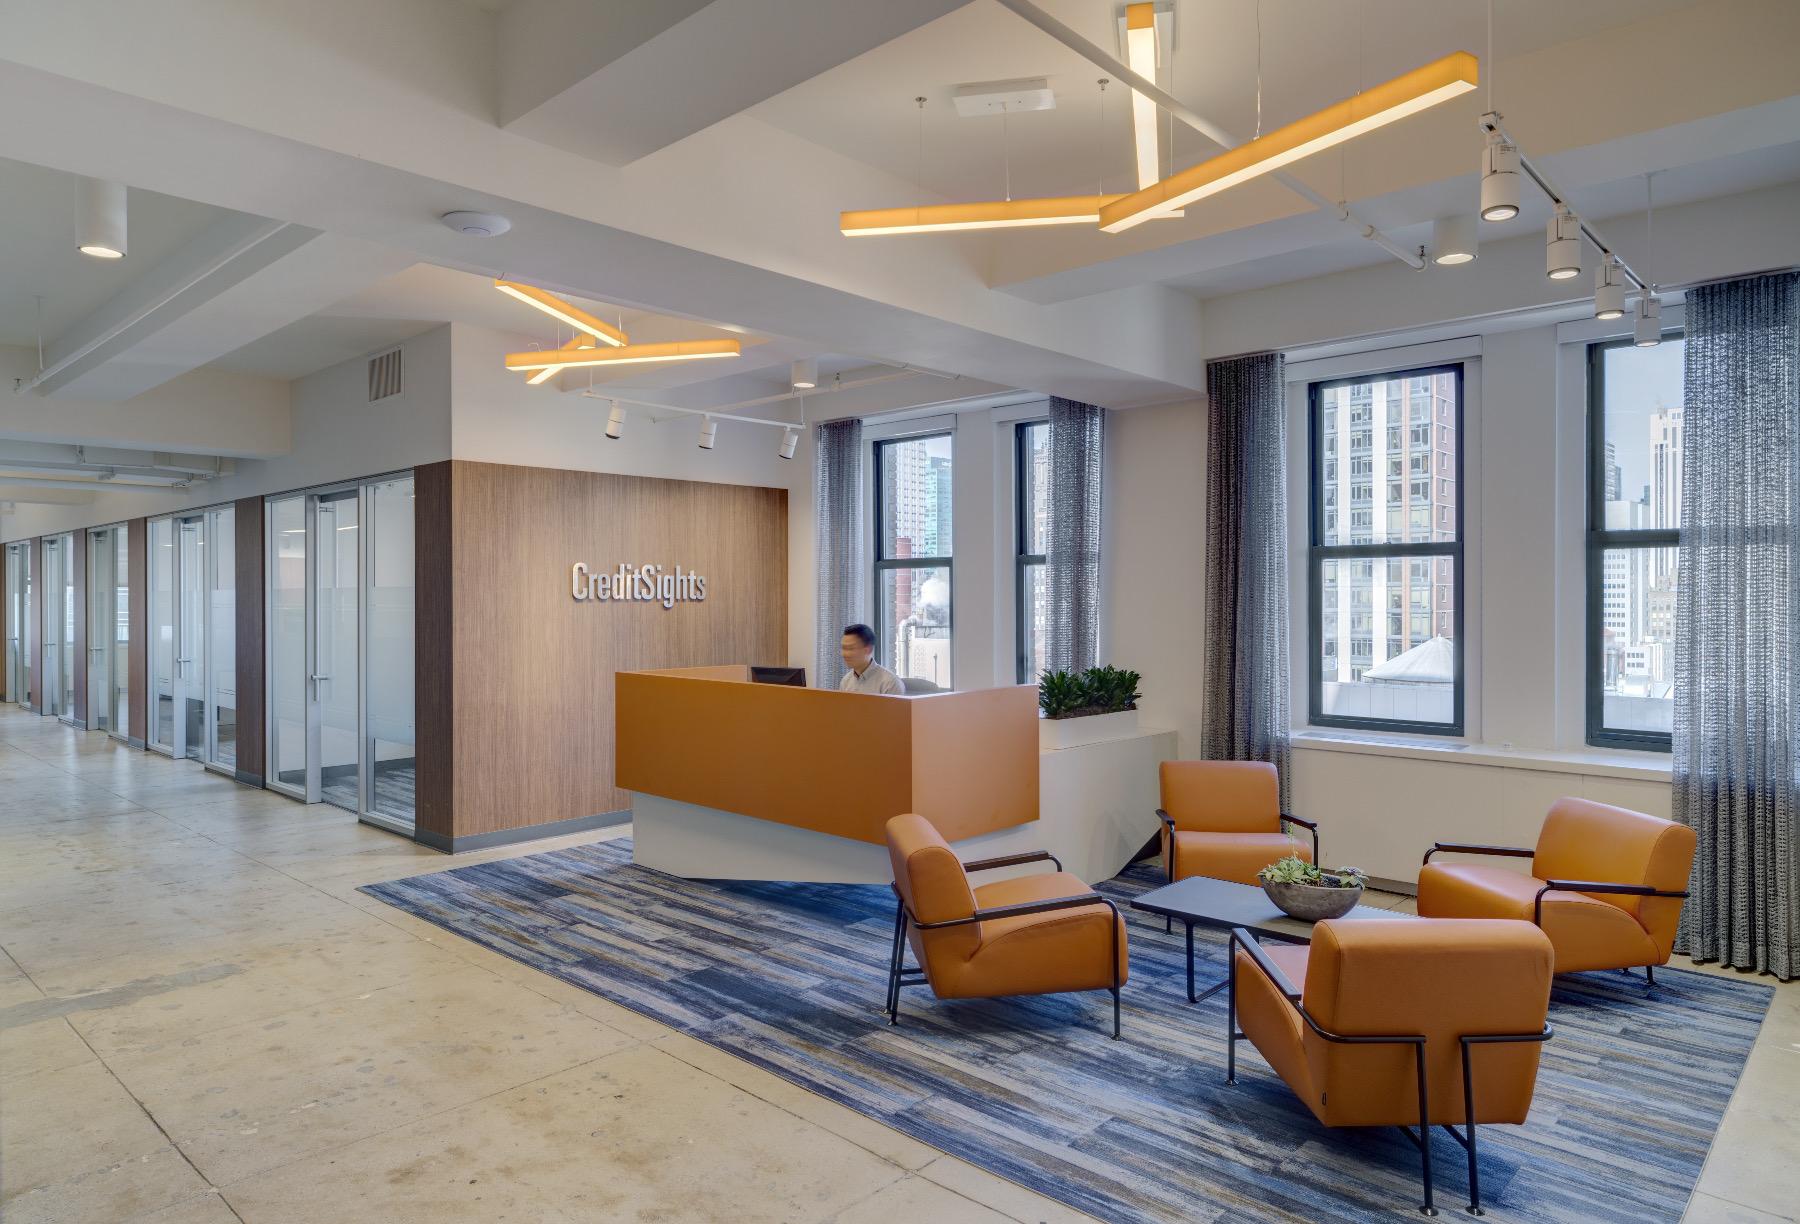 creditsights-office-nyc-7